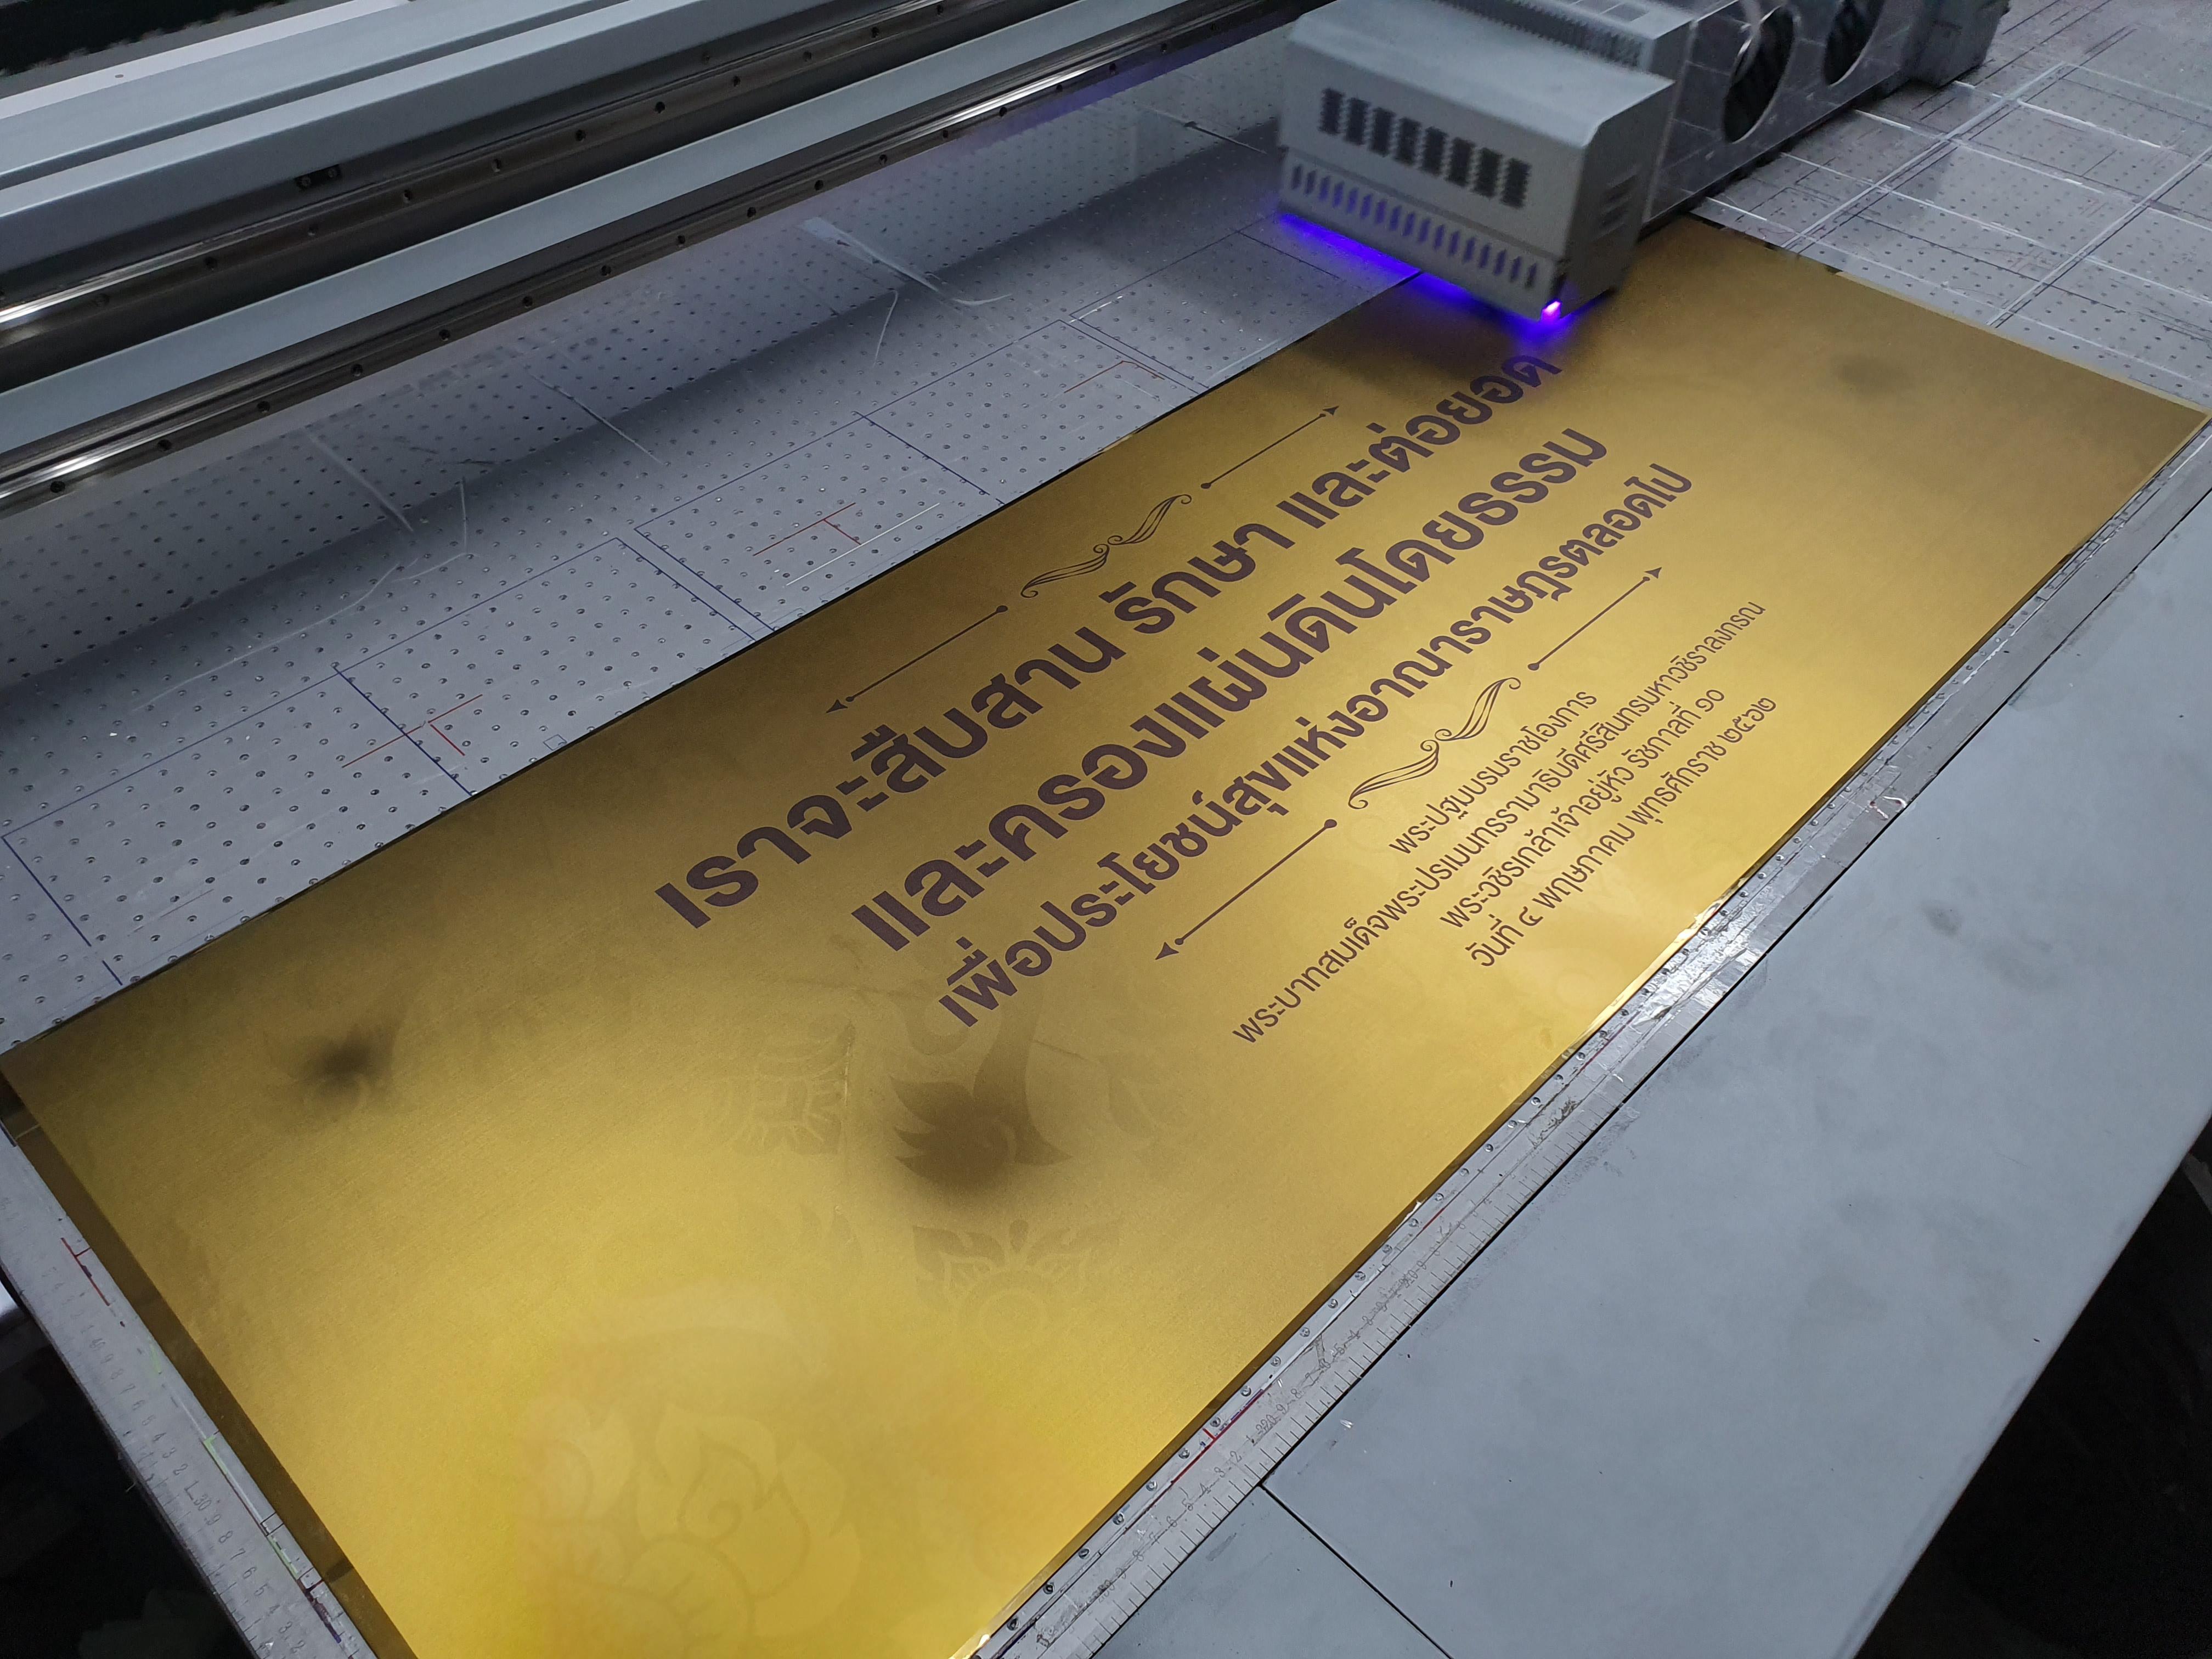 พิมพ์ แผ่นสแตนเลสสีทอง stainless gold uv print